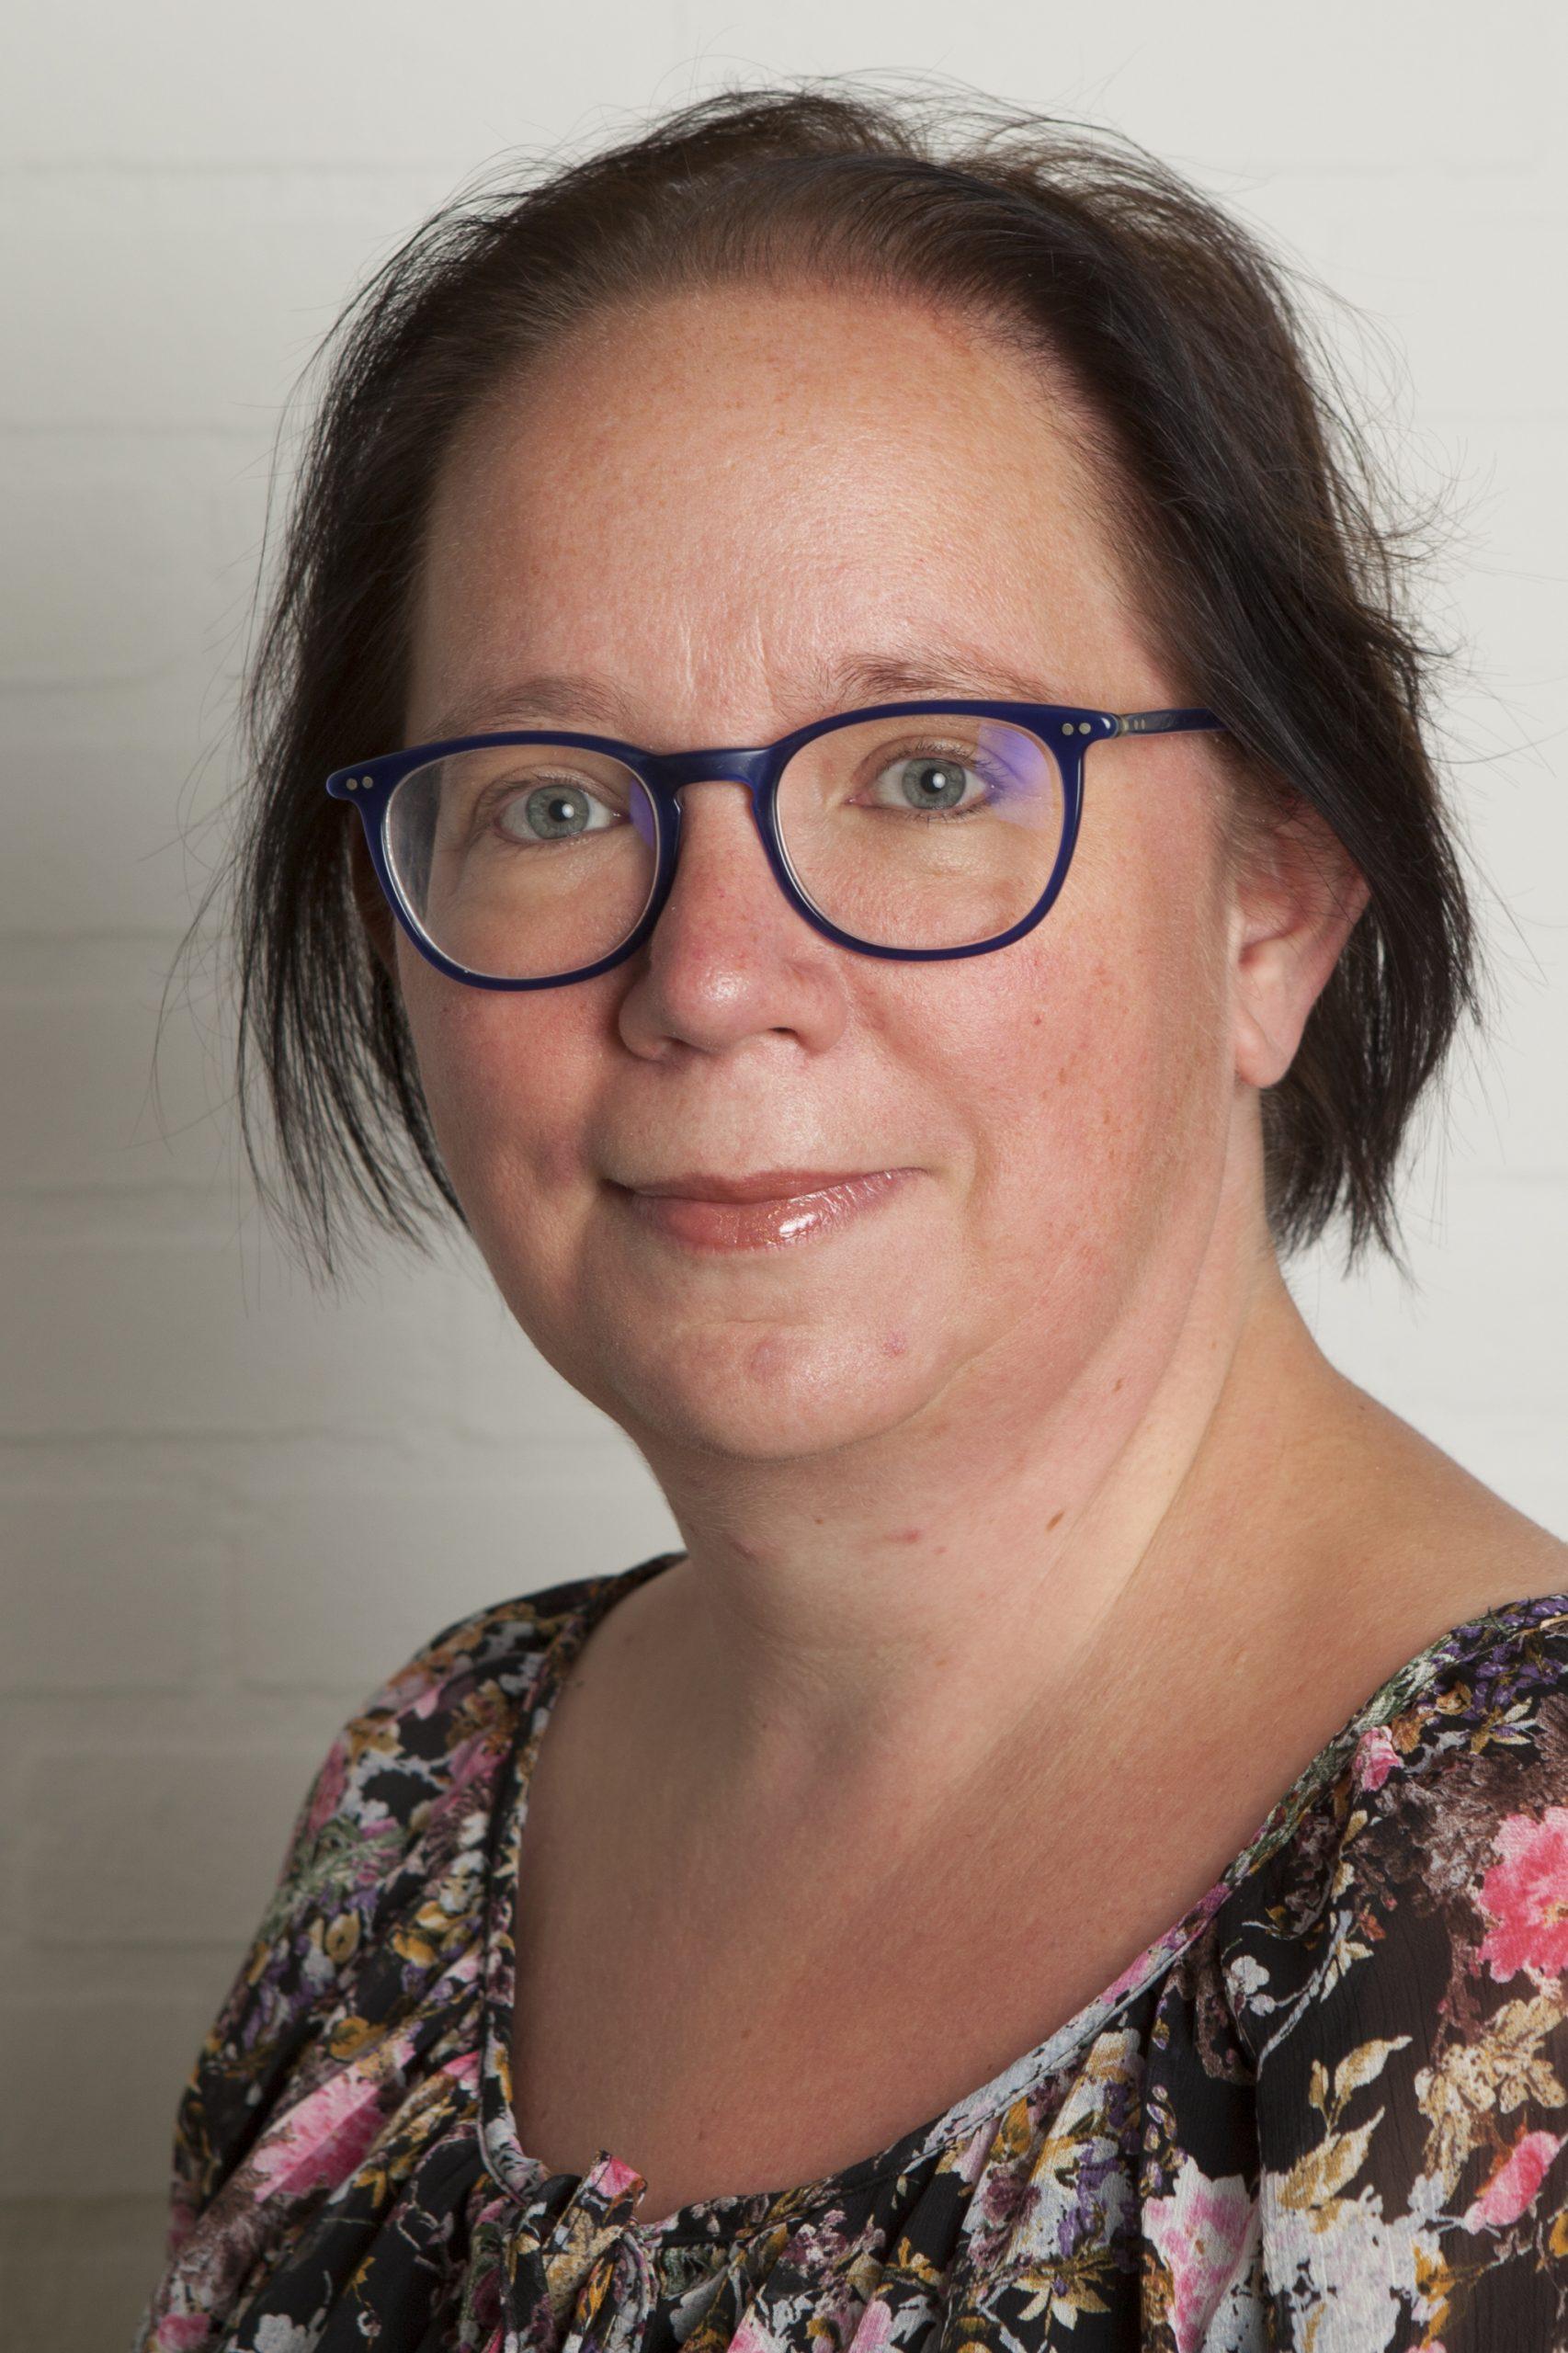 Manon Hooijmaijers